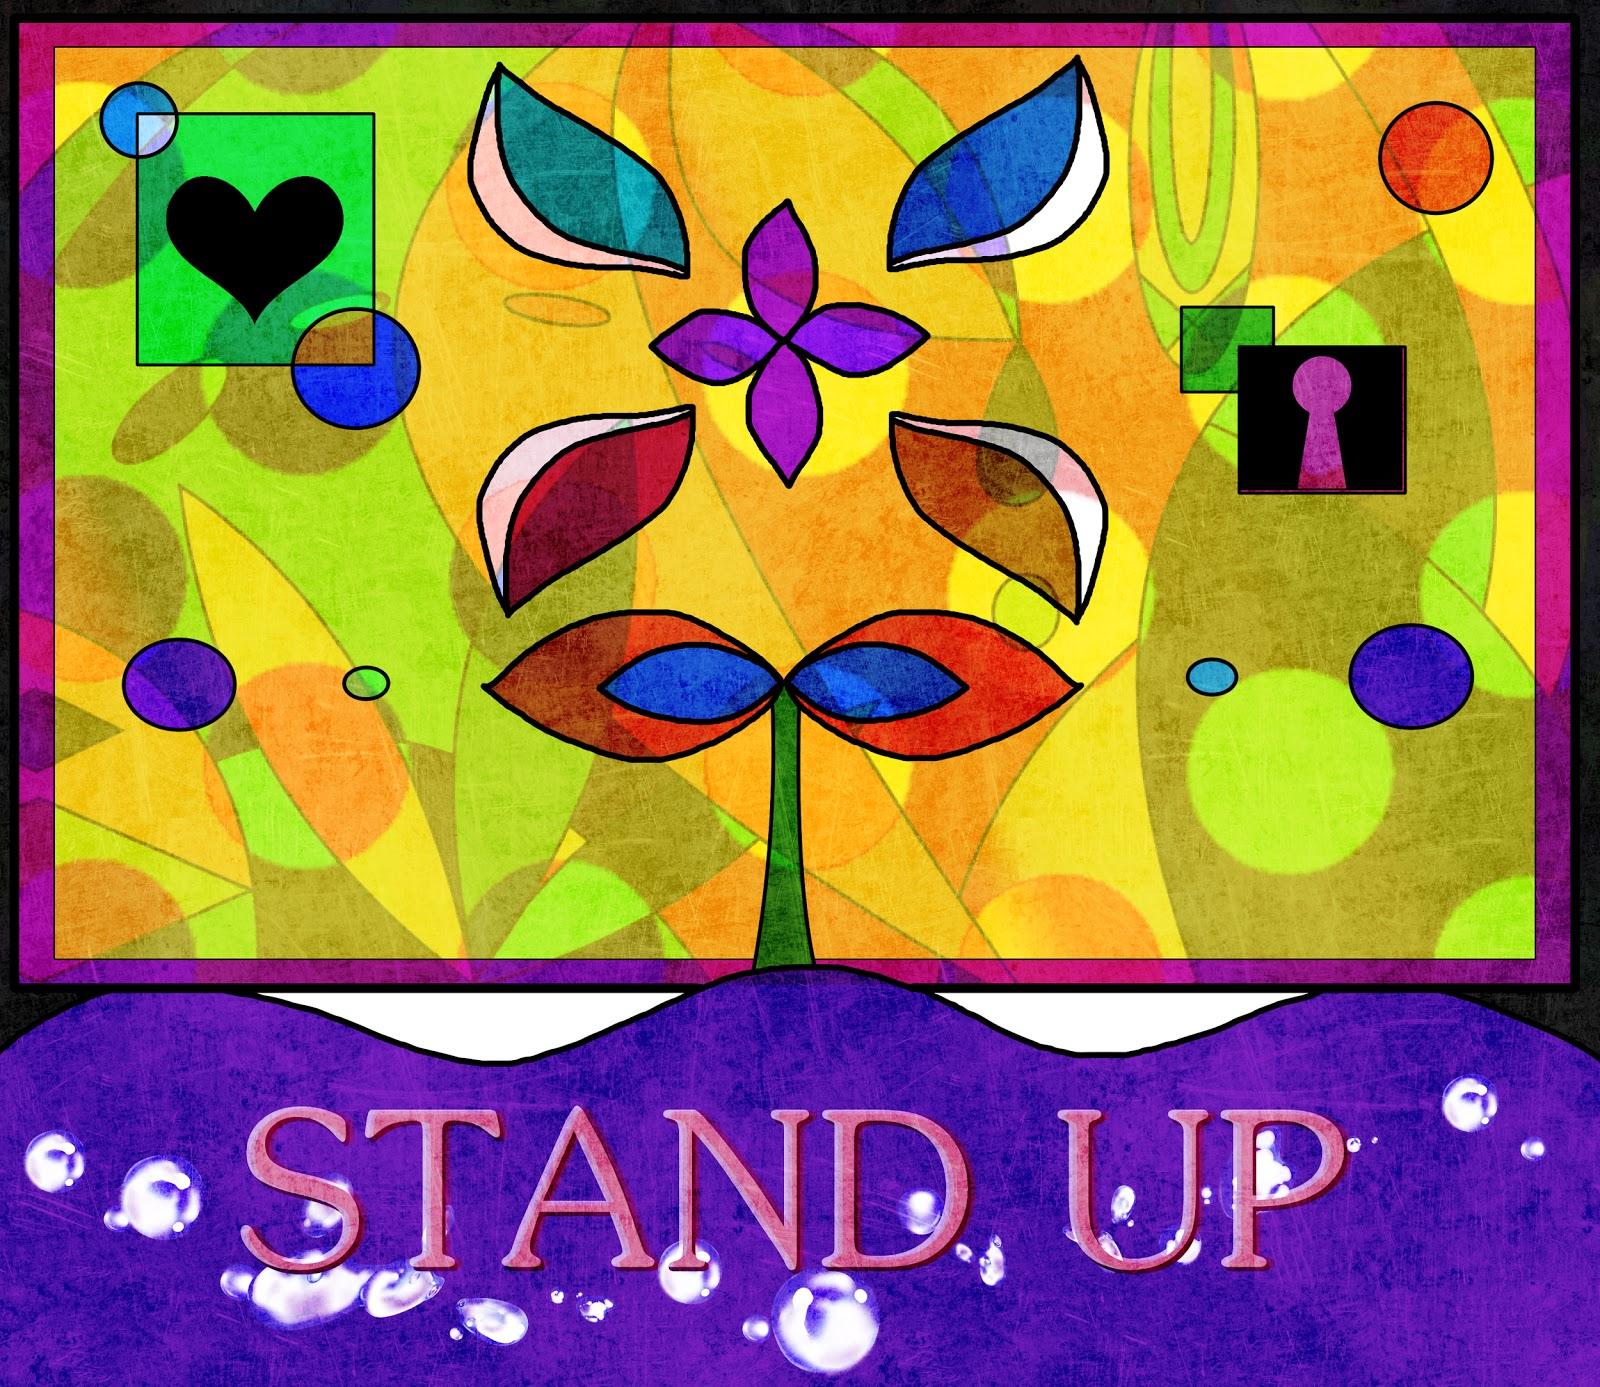 STAND UP (album)